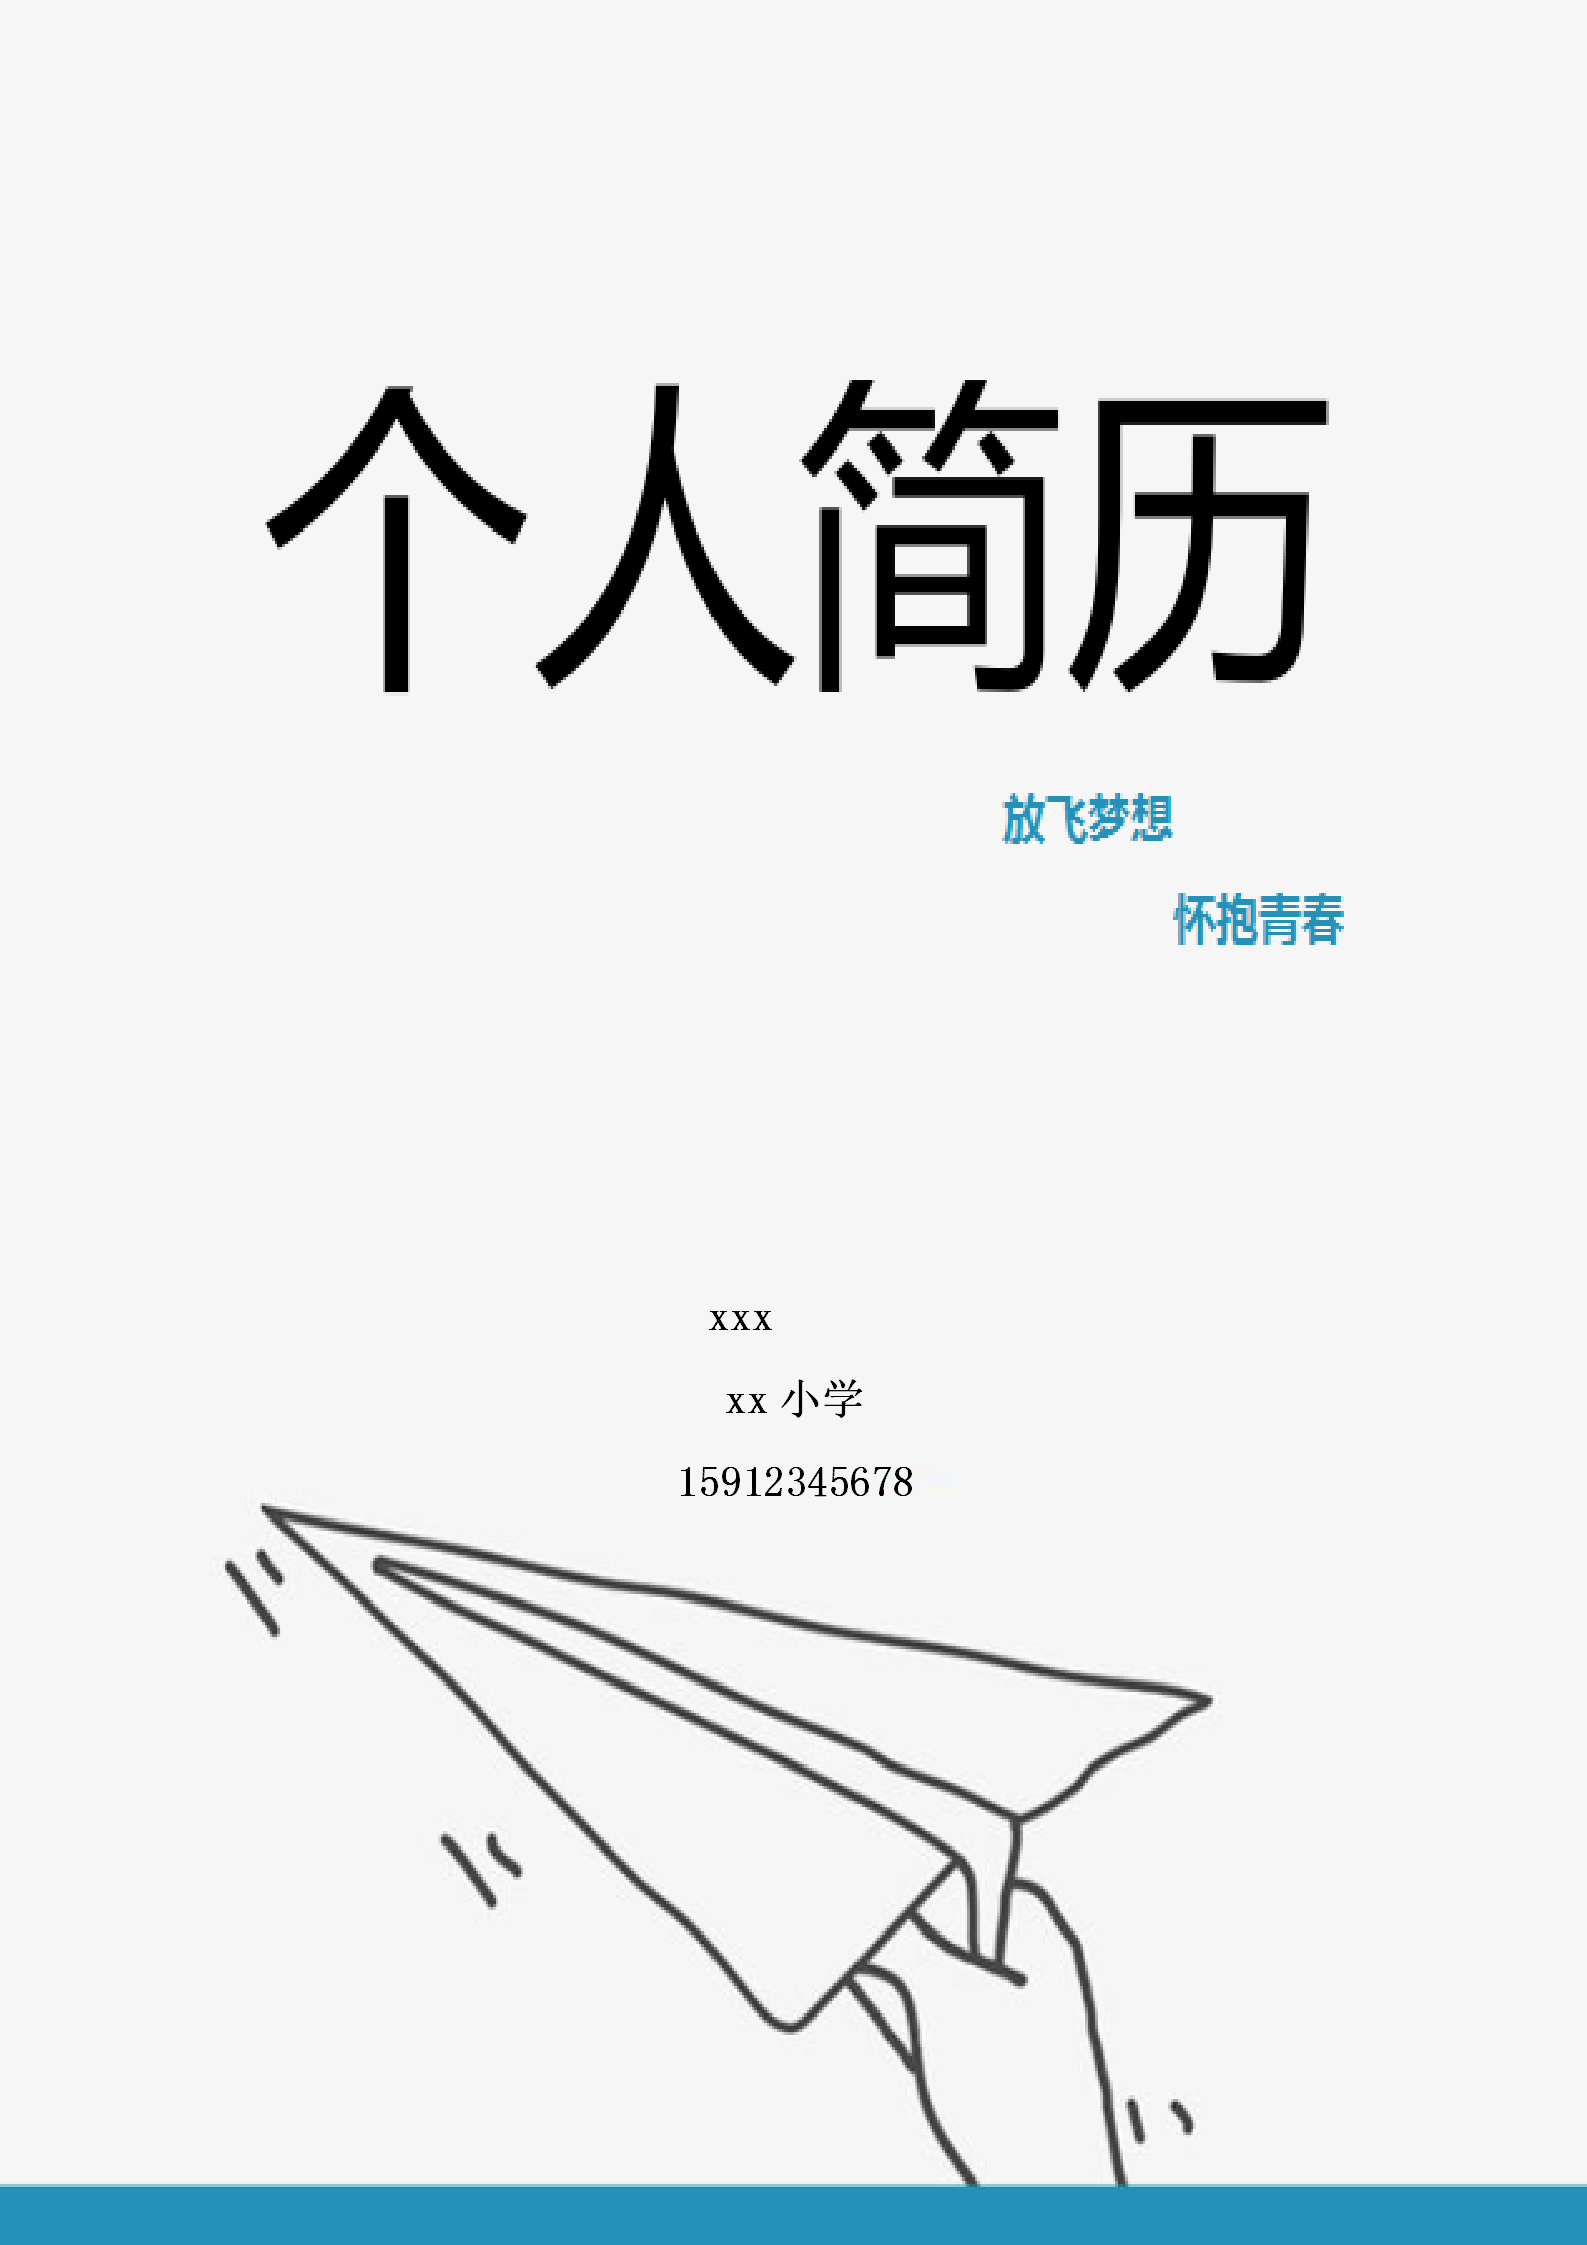 2020年深圳小学升初中简历模板(十)